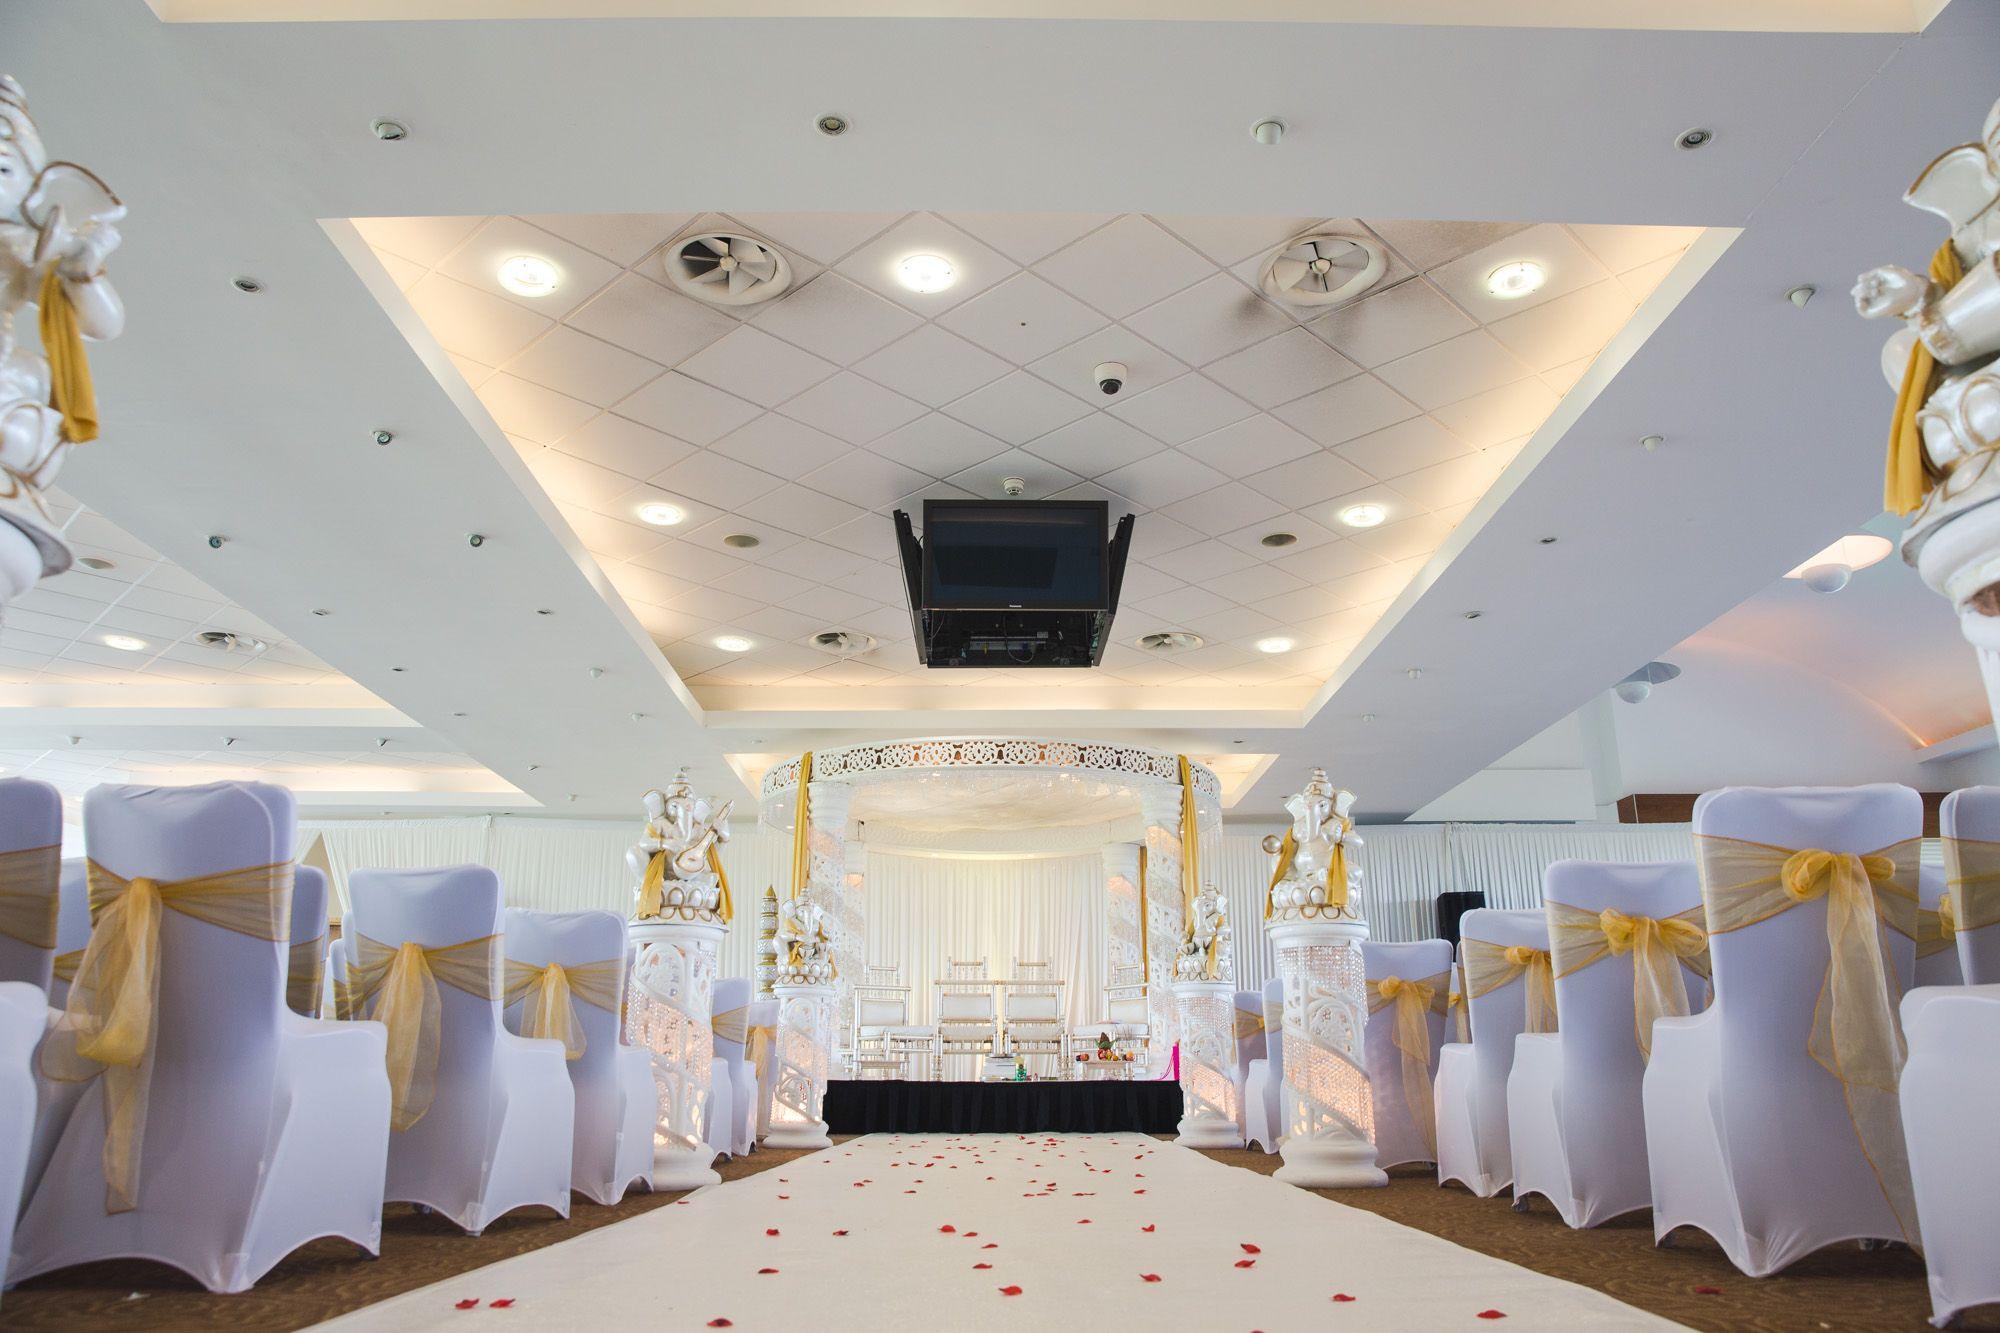 Wedding stage decoration ideas kerala  Indian wedding photographer Luton Bedfordshire London Epsom